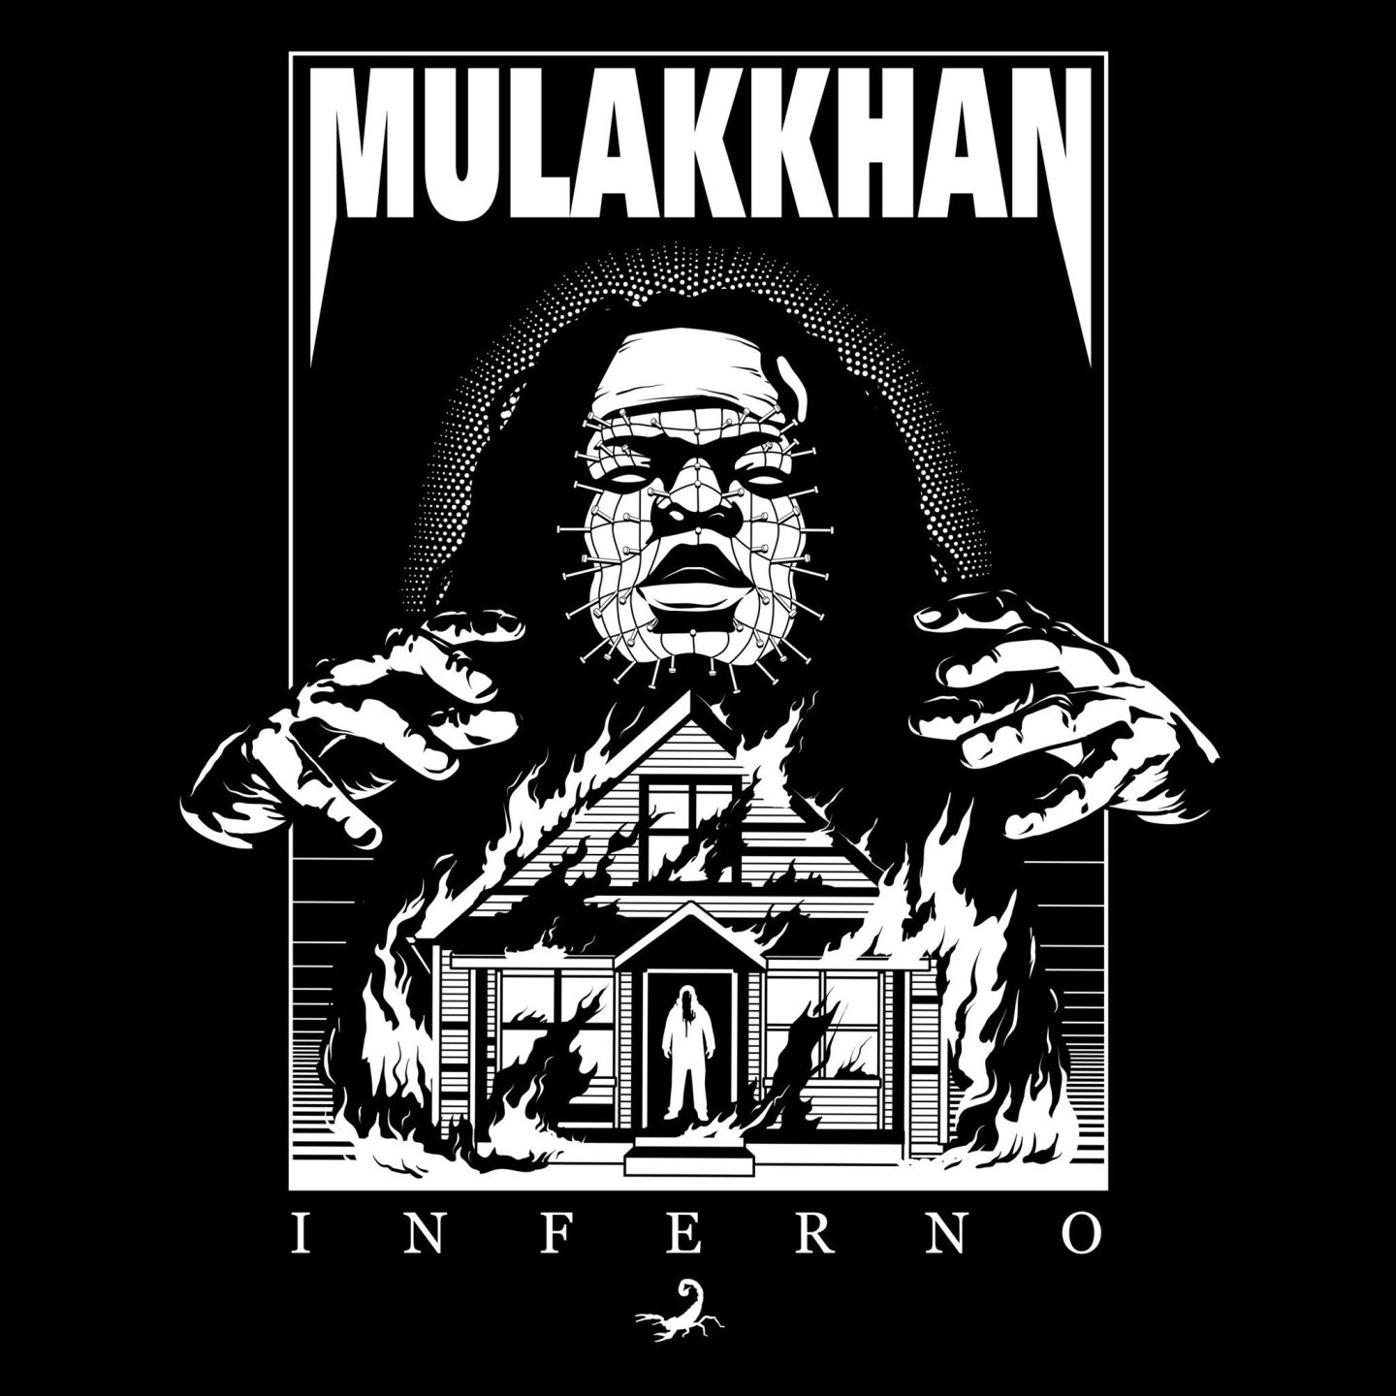 Mula Kkhan Inferno